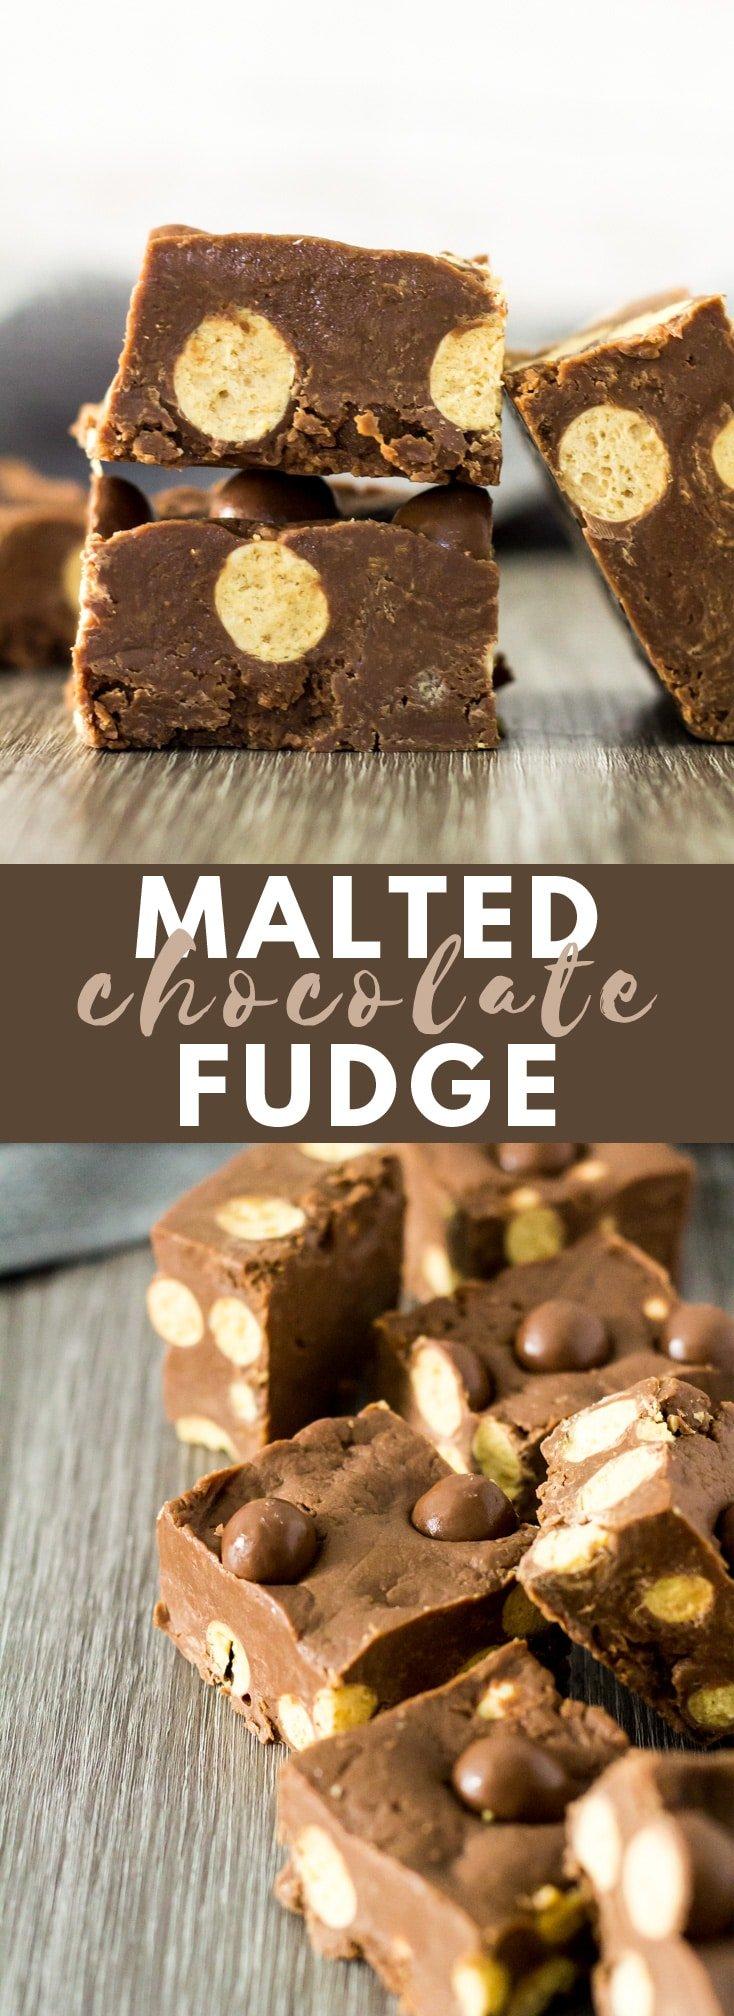 Malted Chocolate Fudge